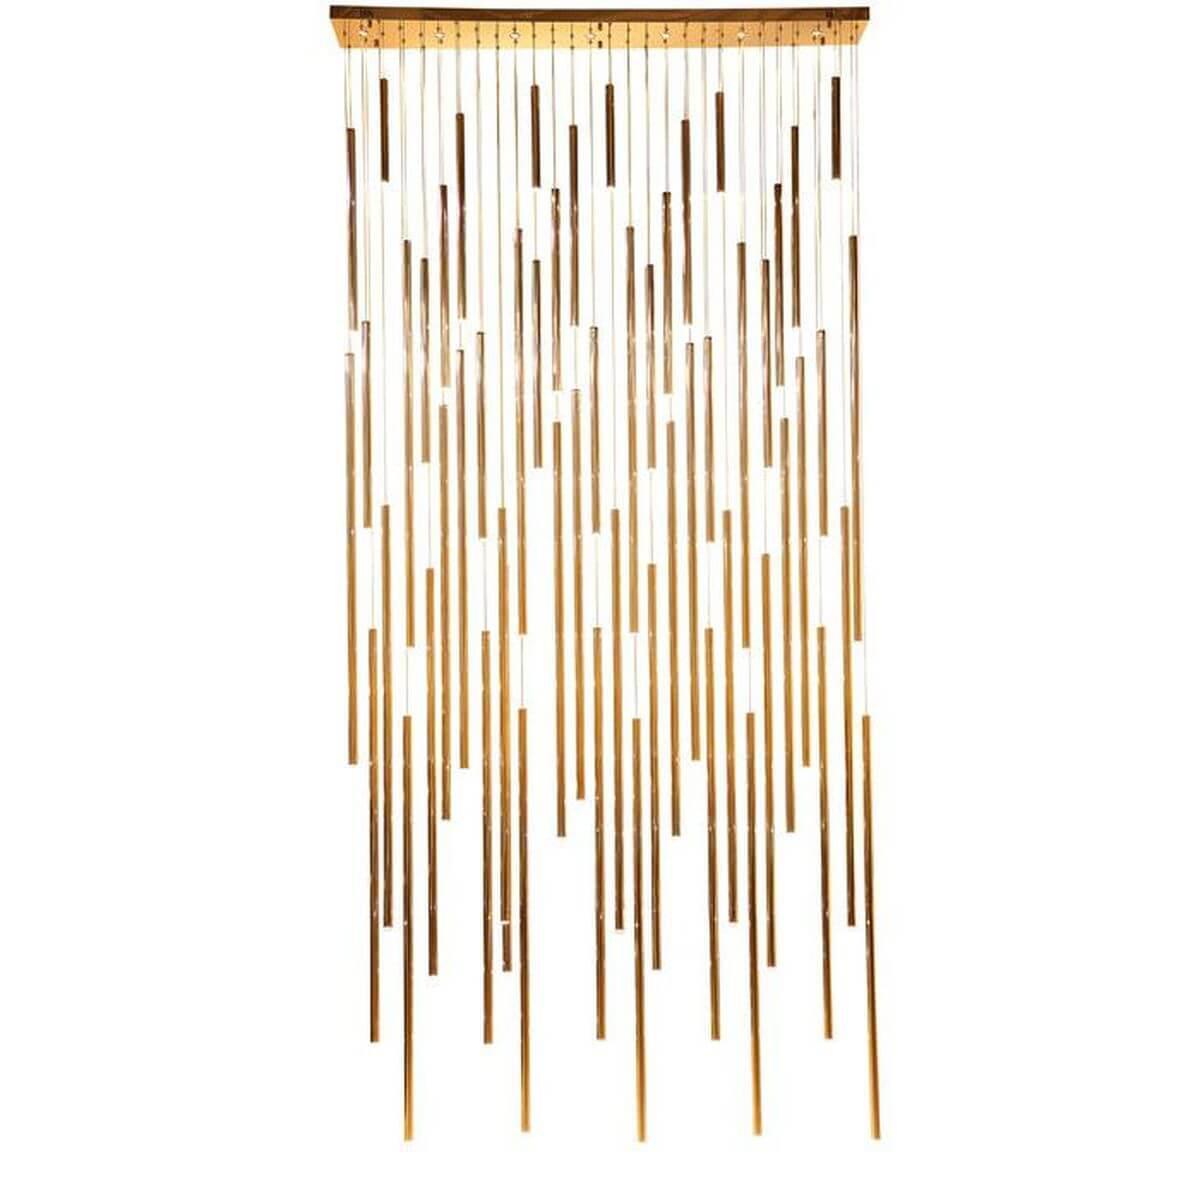 Suspension Living Vegas Kare Design Deluxe cuivre LED